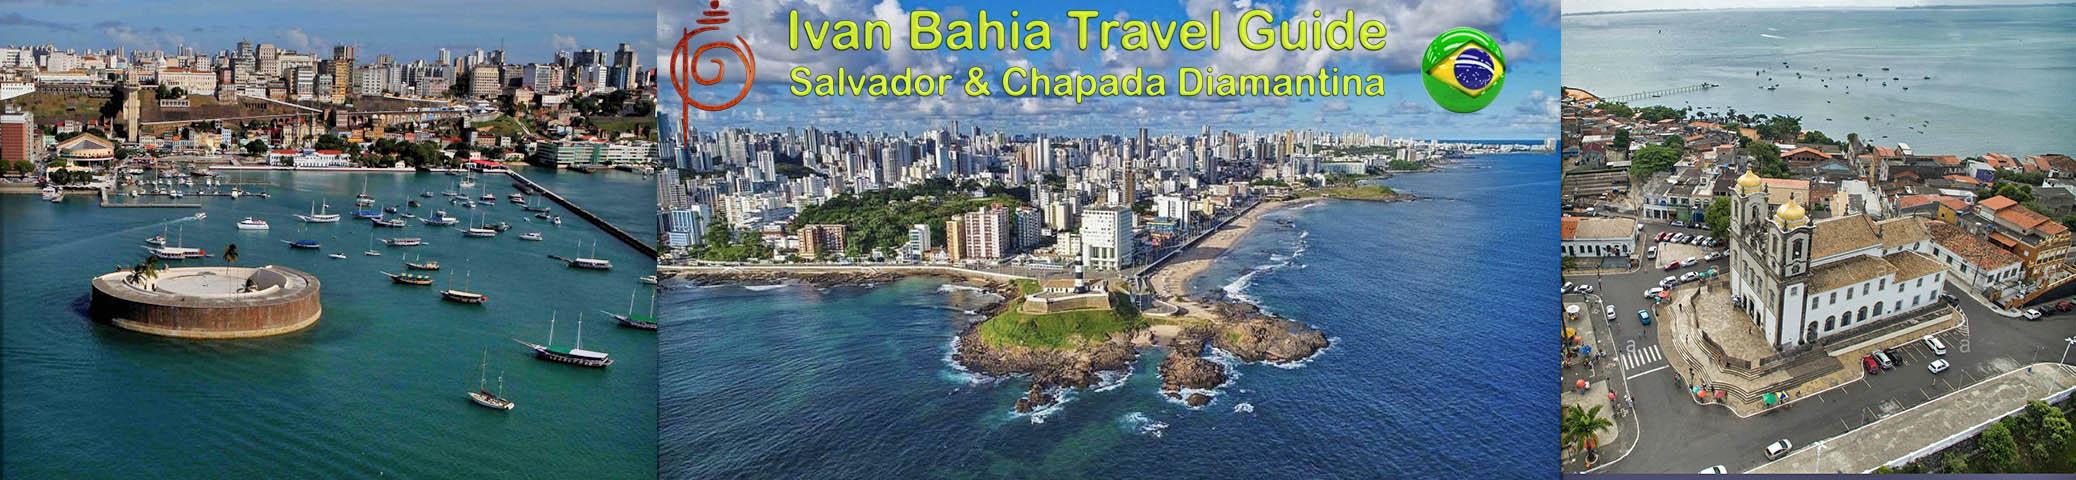 Ivan Bahia Guide, visitez Salvador da Bahia (première capitale du Brésil) avec un tour alternatif culture, architecture et culinaire